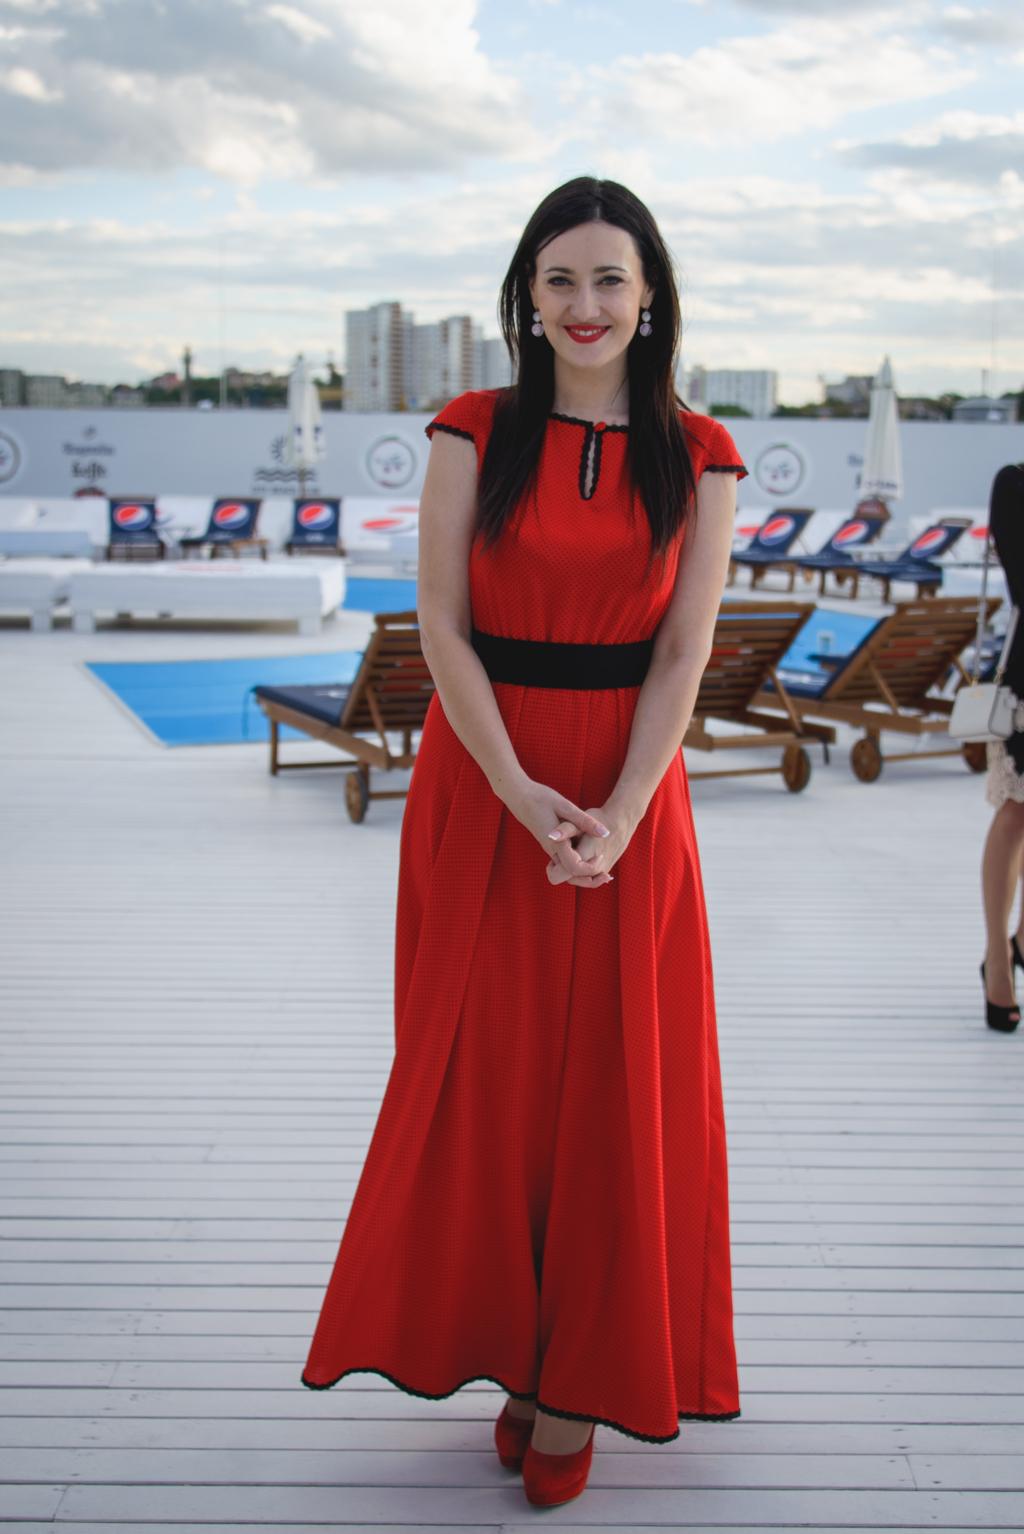 Телеведущая Соломия Витвицкая надела красное платье в пол от дизайнера Анастасии Ивановой